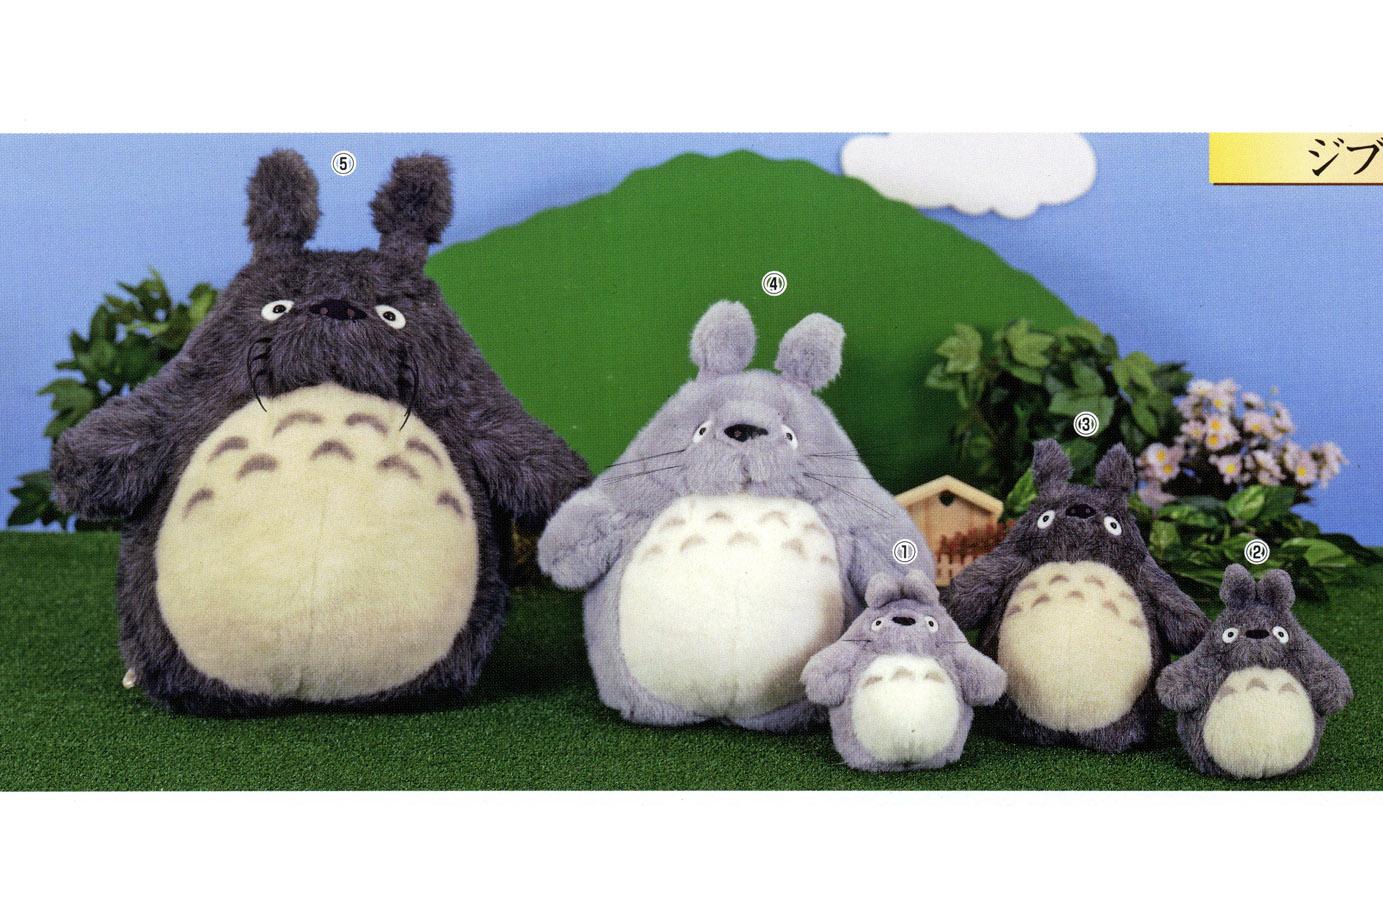 となりのトトロ ぬいぐるみ 大トトロL 濃グレー 大きさはお写真4番と同じ、色は5番等と同じ商品です。 〈ジブリグッズ 隣のトトロ 玩具 おもちゃ 縫いぐるみ プレゼント ギフト〉